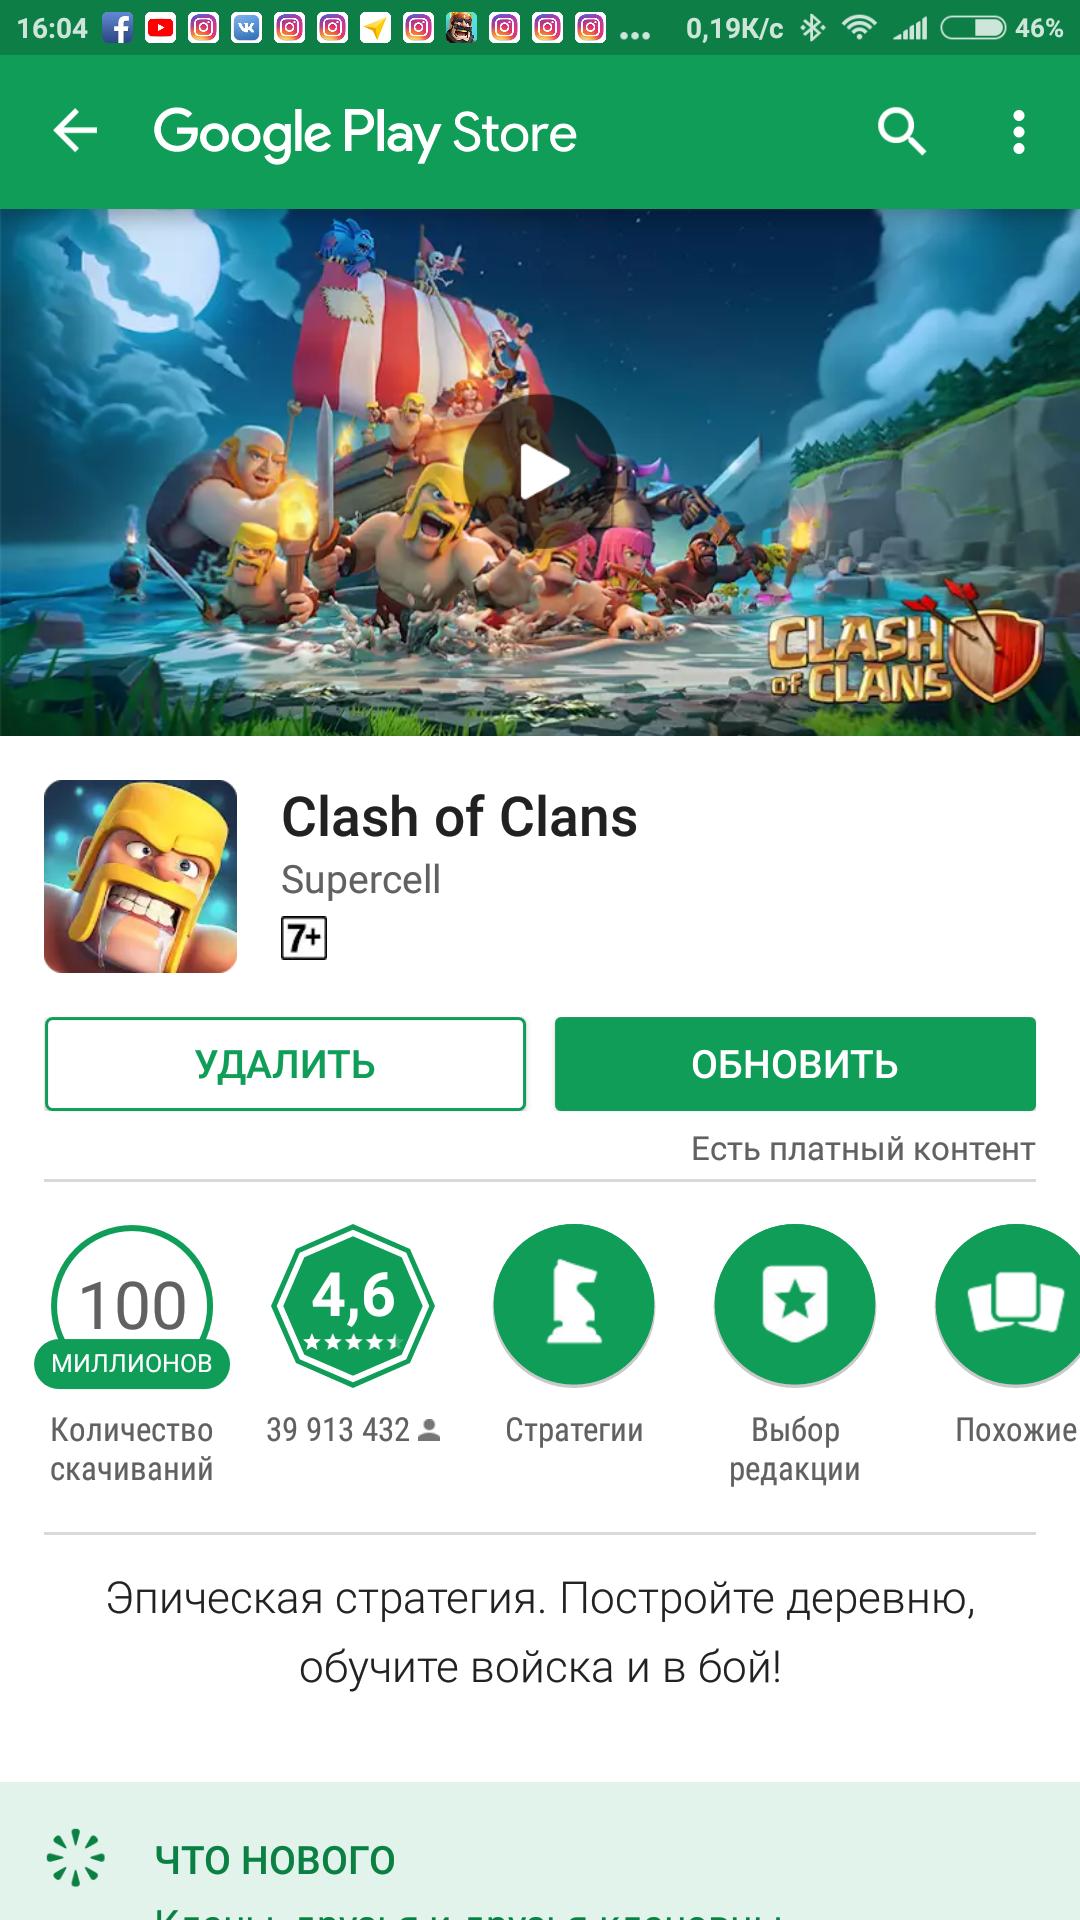 Октябрьское обновление Clash of Clans Google Play